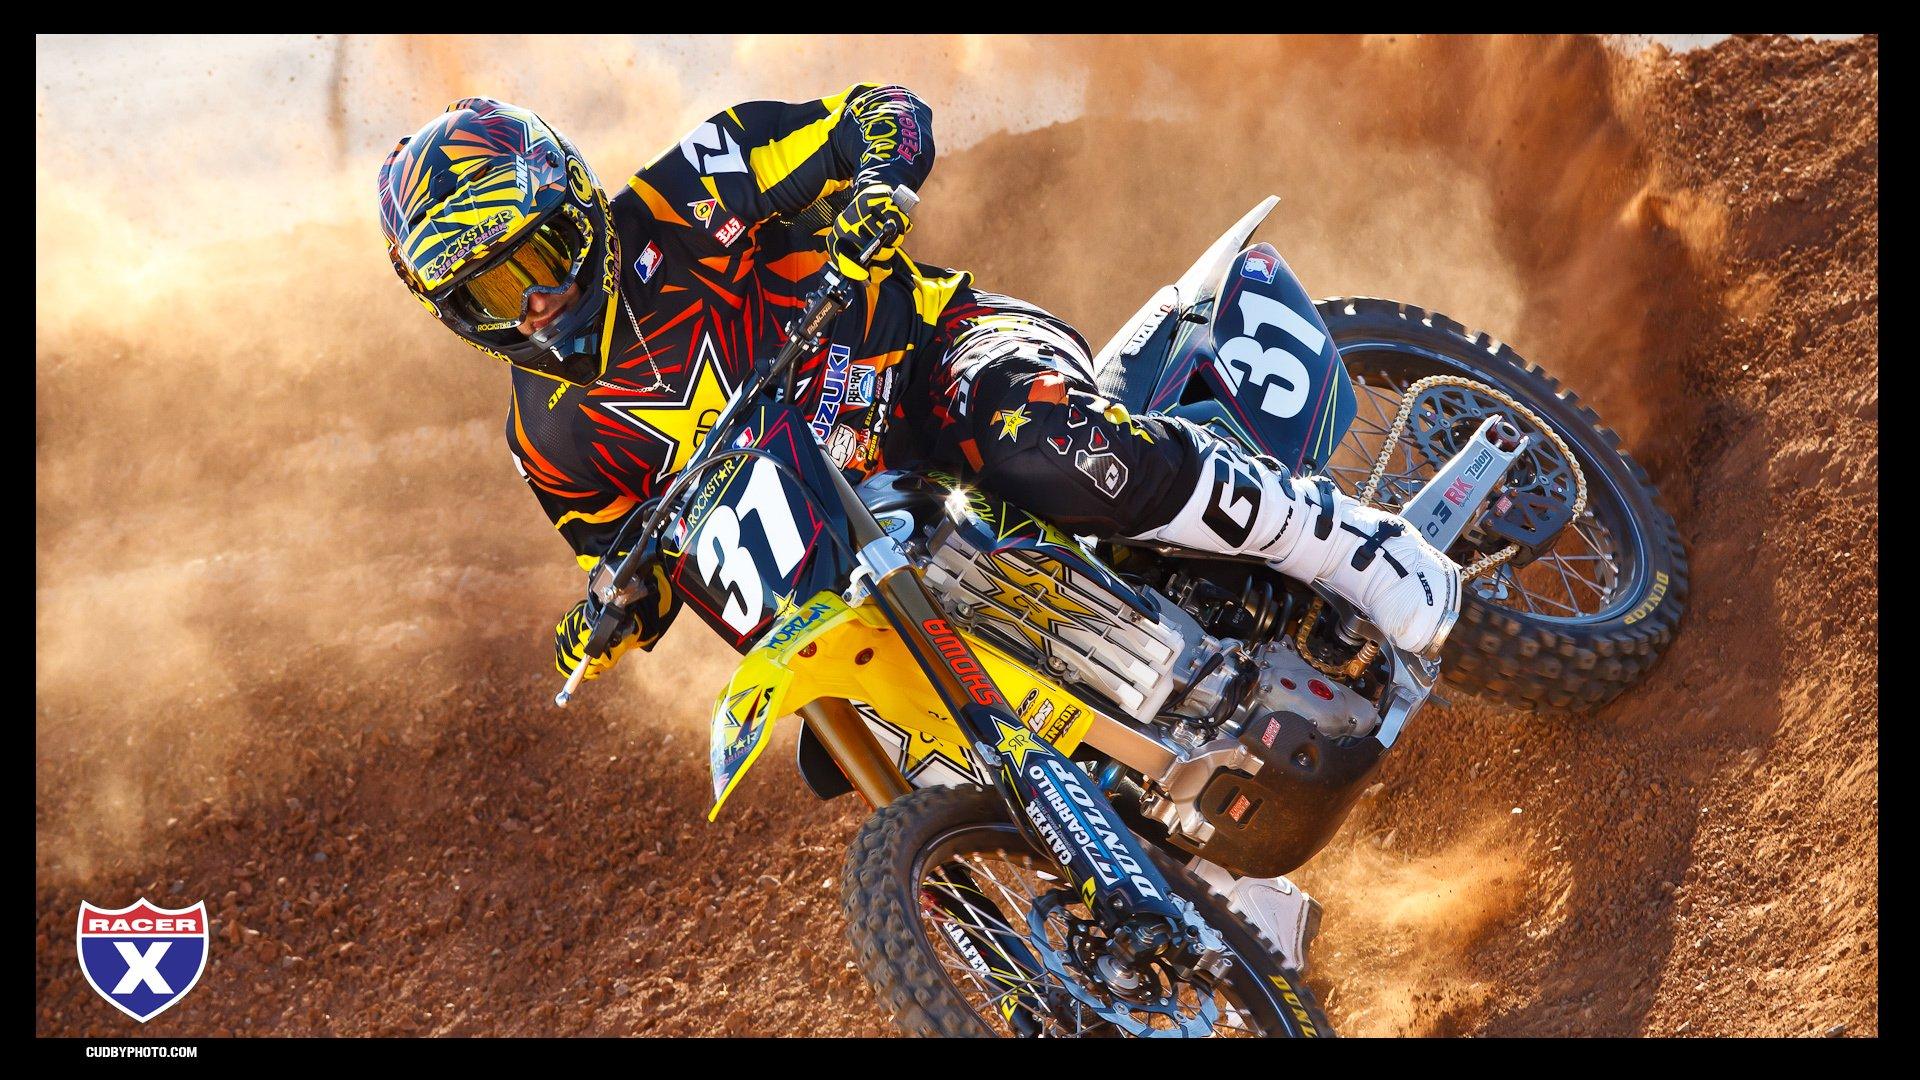 Rockstar Energy Racing Wallpapers Racer X Online